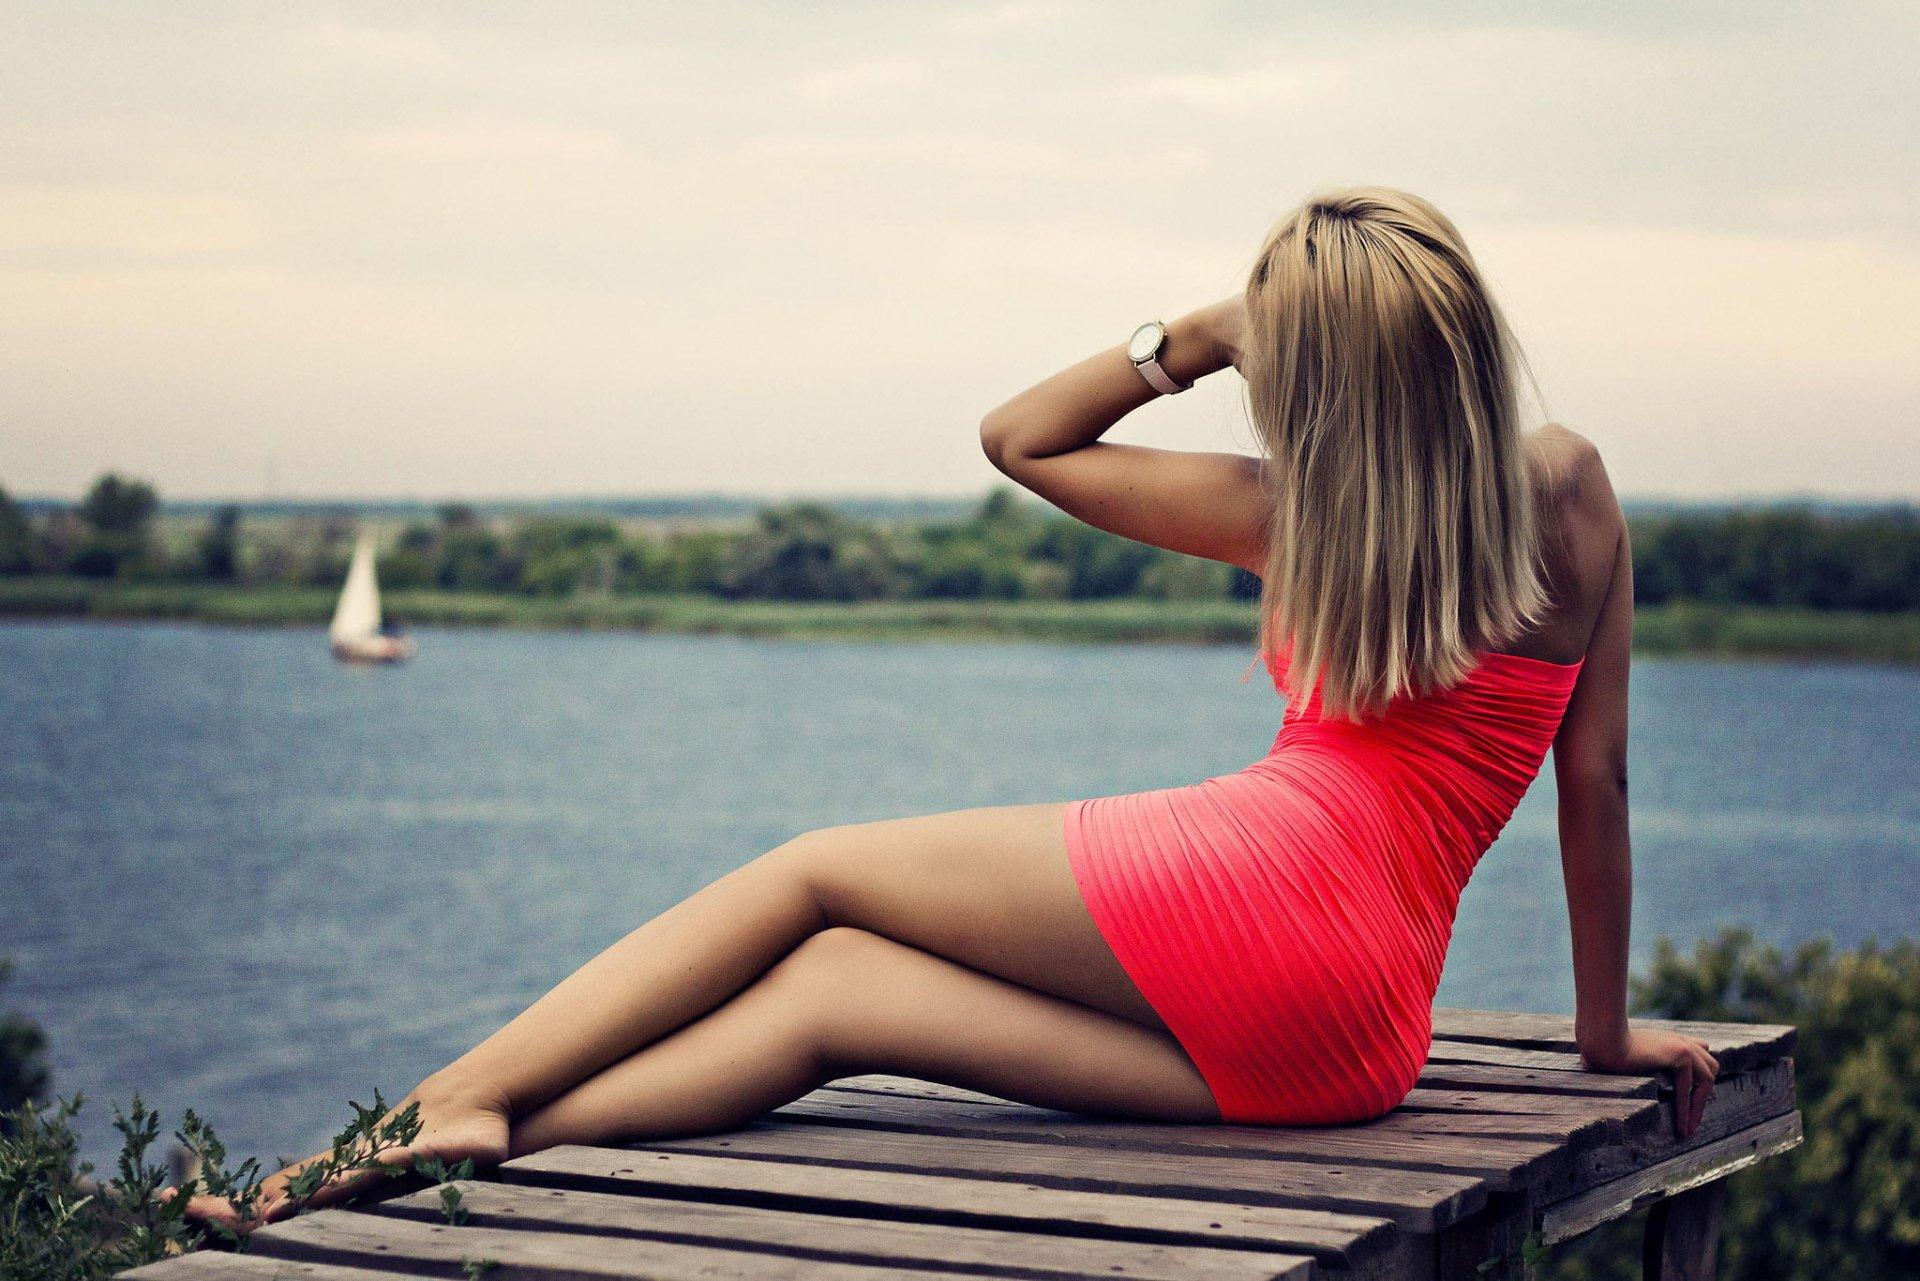 Фото попки блондинки #1